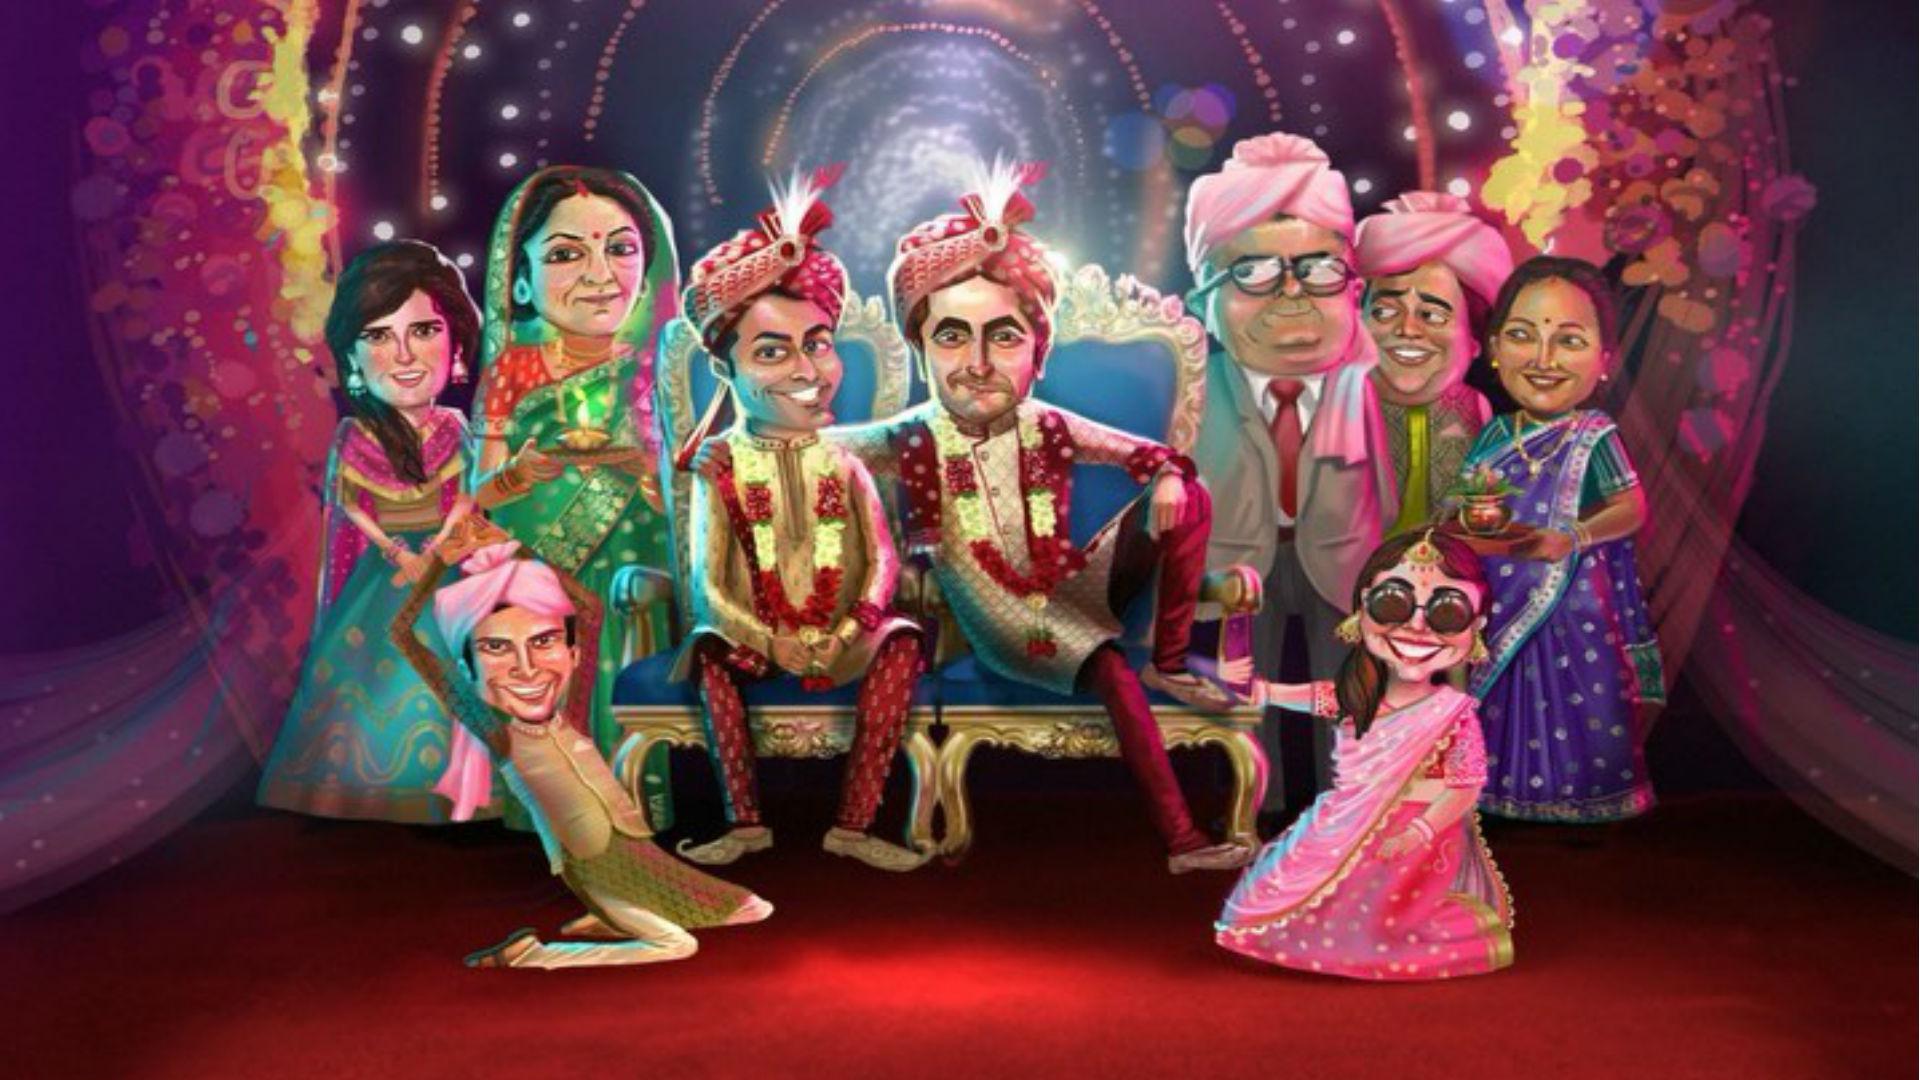 Shubh Mangal Zyada Saavdhan Movie: ज्यादा फैमिली और ज्यादा एंटरटेनमेंट, फिल्म में नजर आएंगे ये सितारे